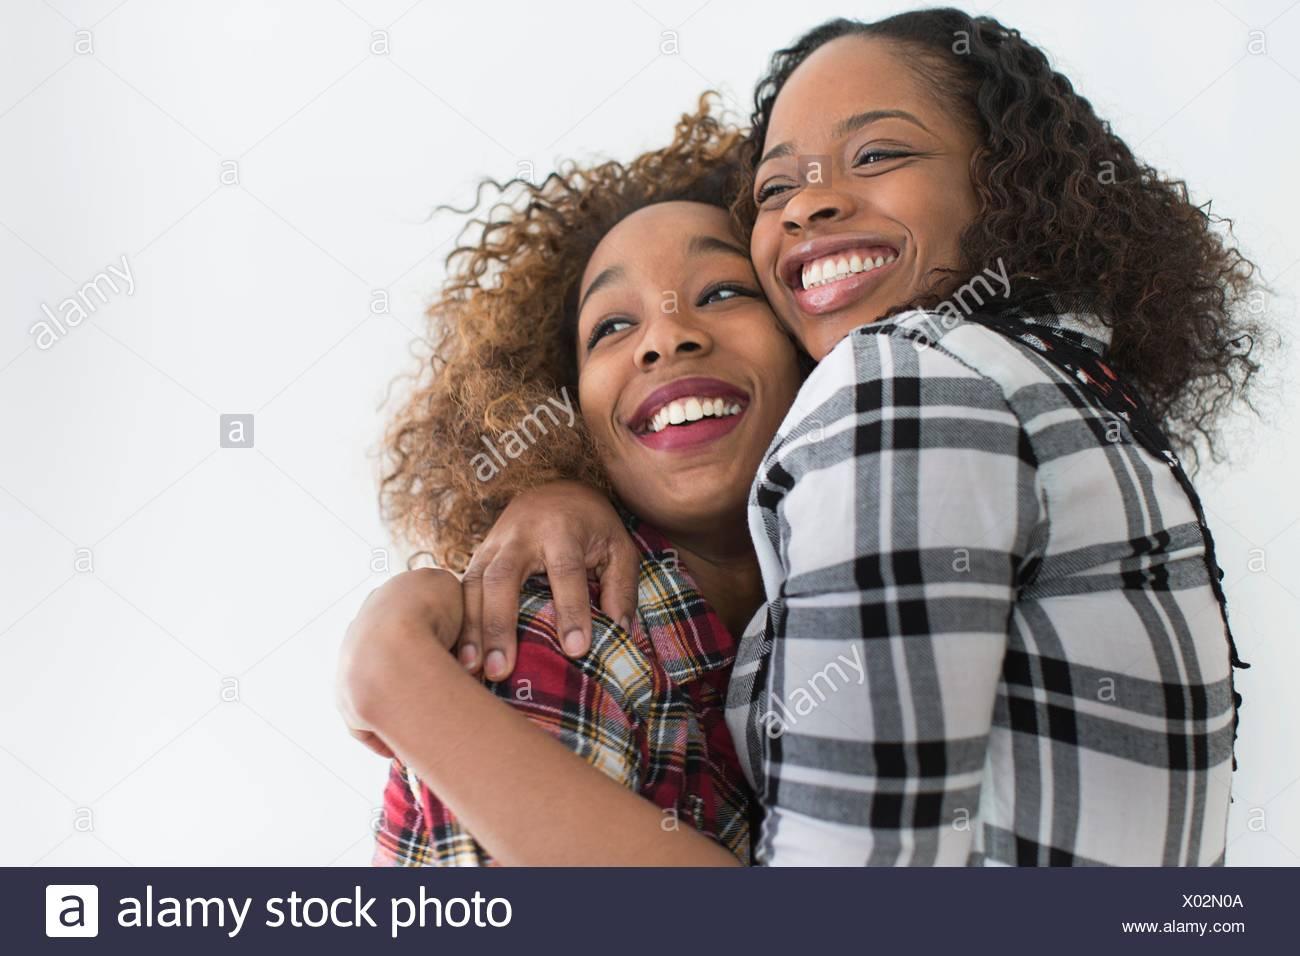 Retrato de estudio de dos mujeres jóvenes amigos abrazos Imagen De Stock